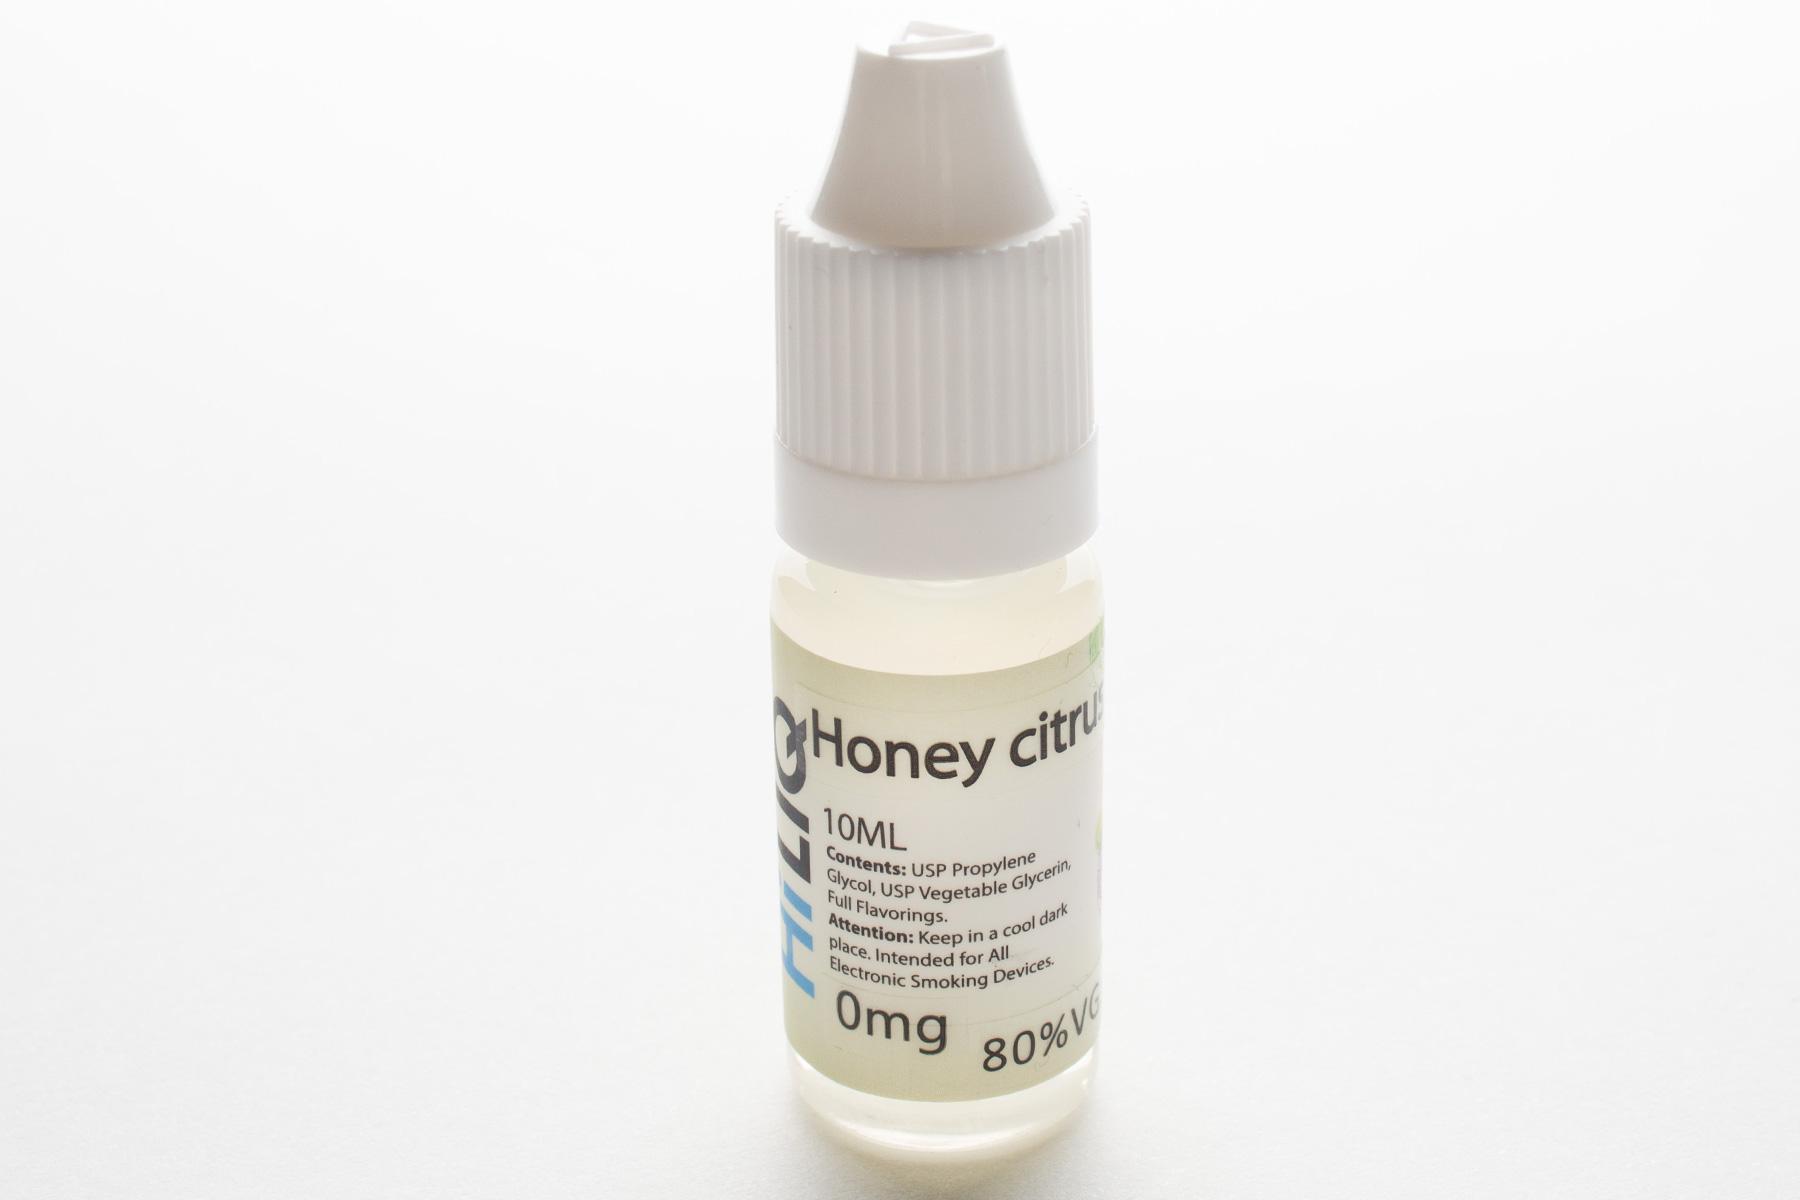 【リキッド】Honey Citrus「ハニーシトラス」 (HiLIQ ハイリク) レビュー